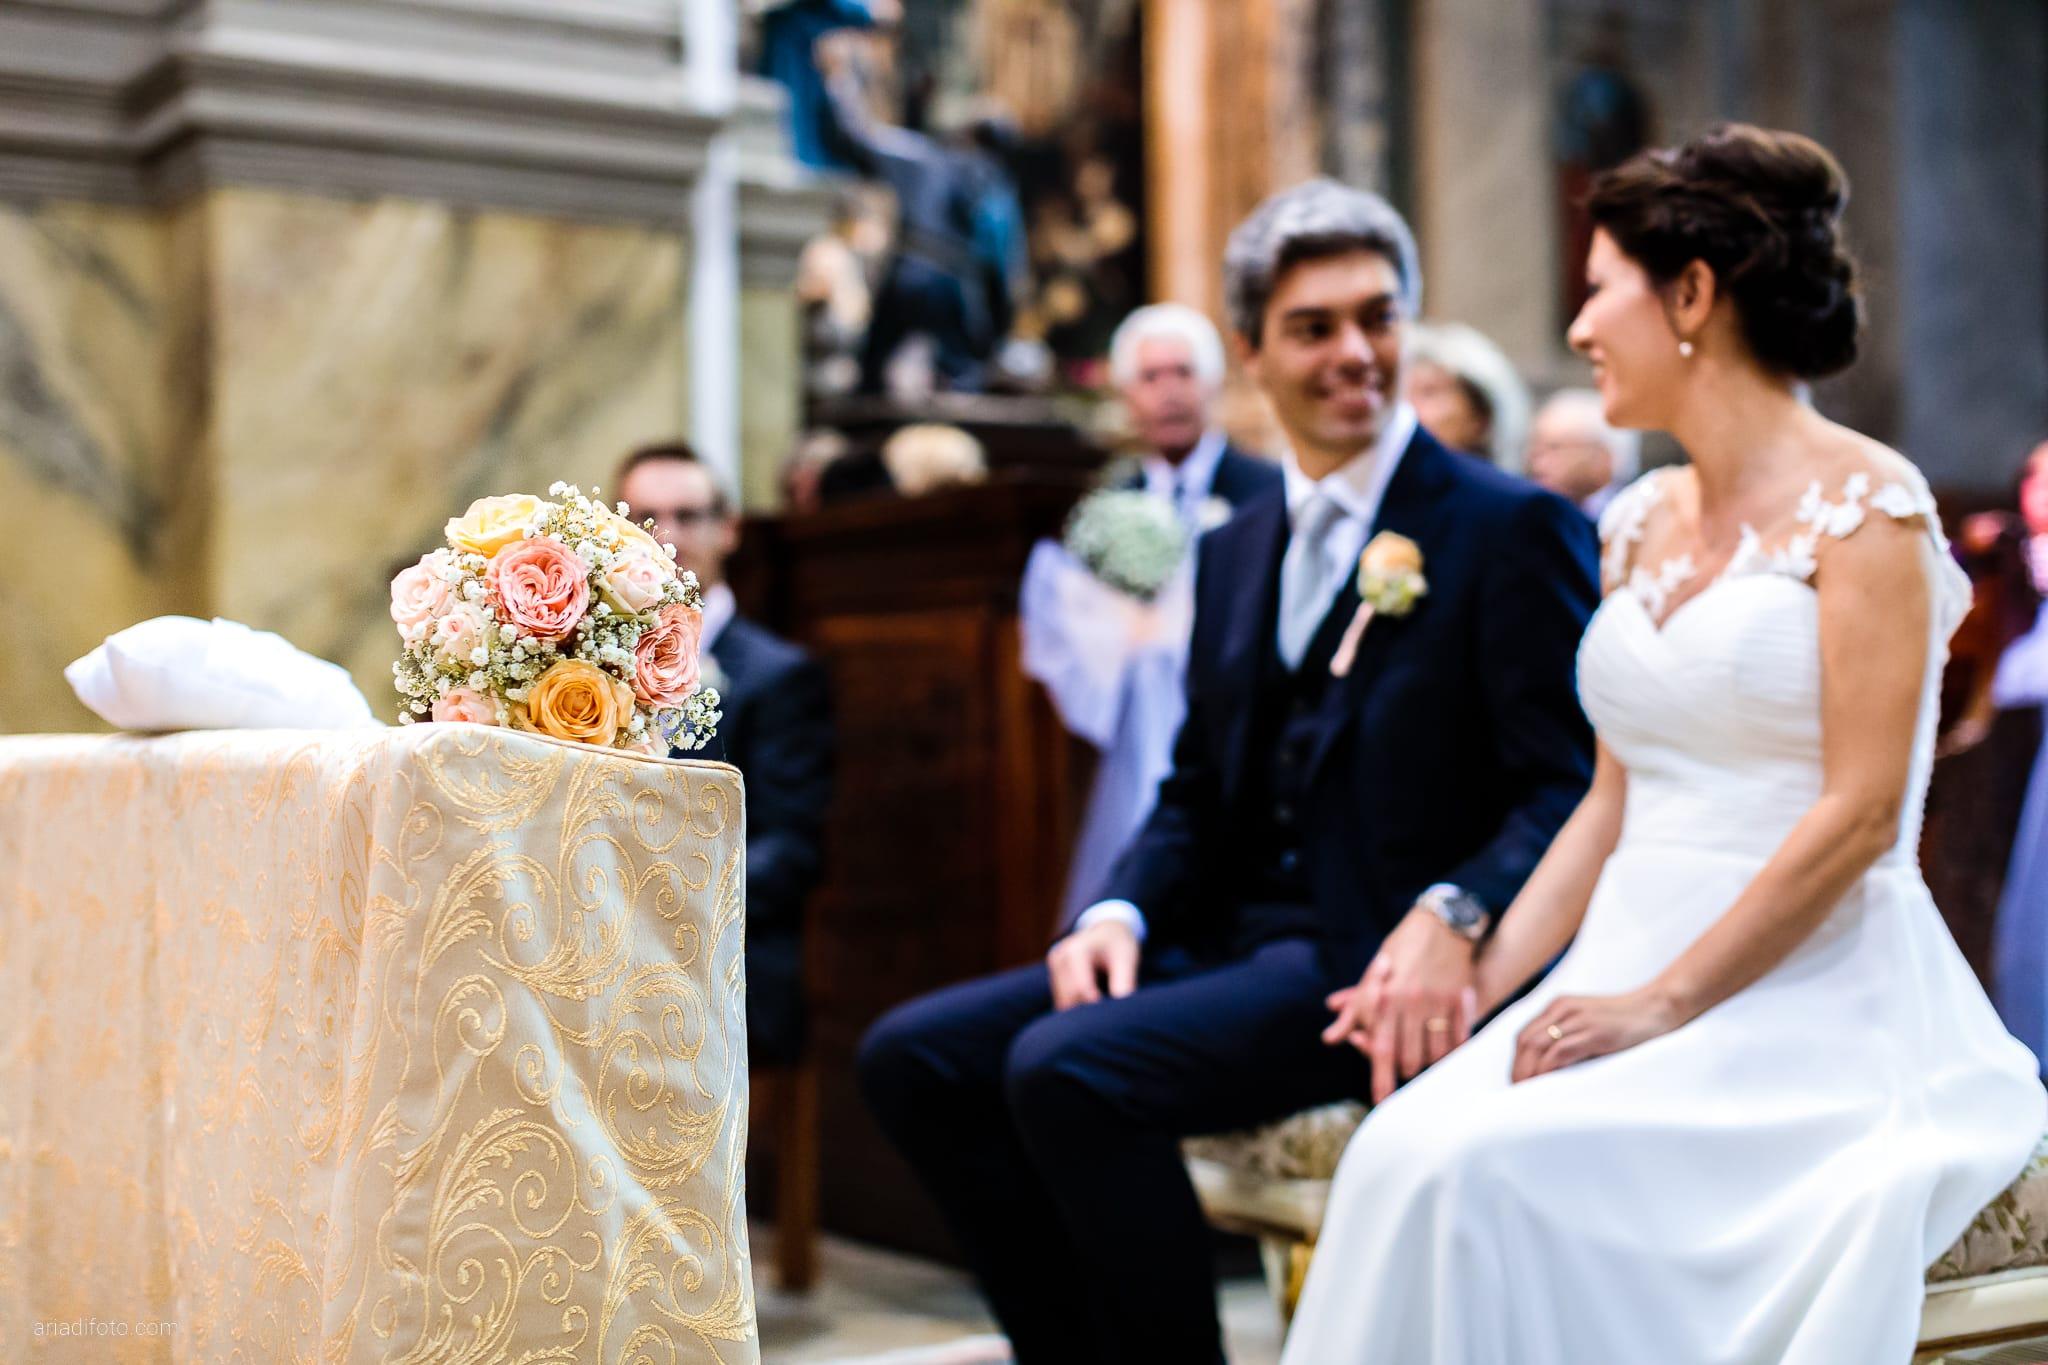 Tatiana Marco Matrimonio Trieste Baronesse Tacco San Floriano Collio Gorizia cerimonia cattolica Chiesa di Santa Maria Maggiore